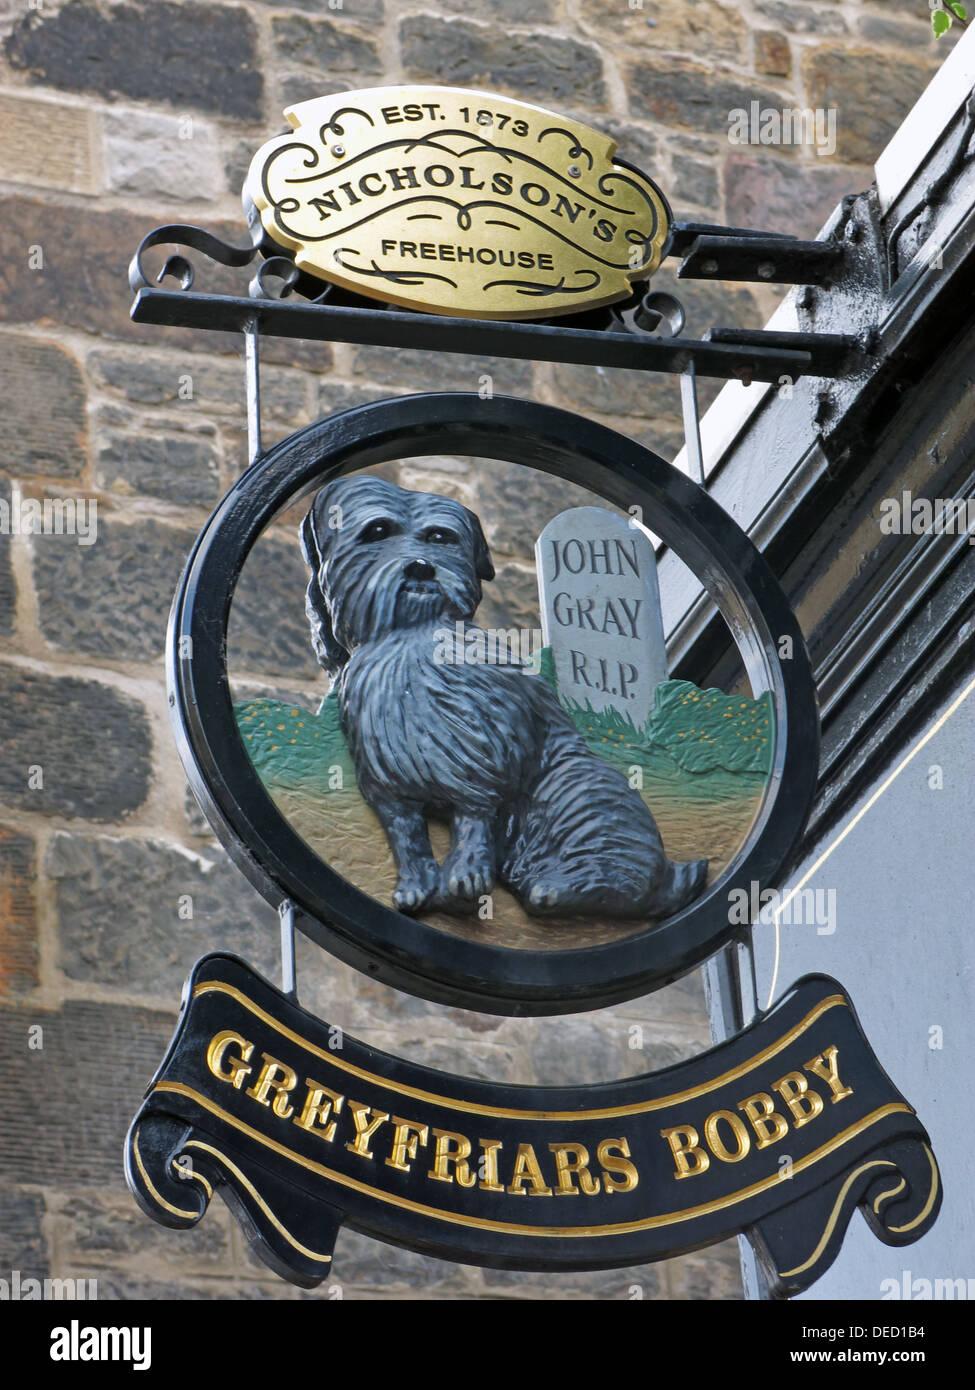 Laden Sie dieses Alamy Stockfoto Greyfriars Bobby Pub Schild, Old Town, Hauptstadt Edinburgh, Schottland, Vereinigtes Königreich - DED1B4